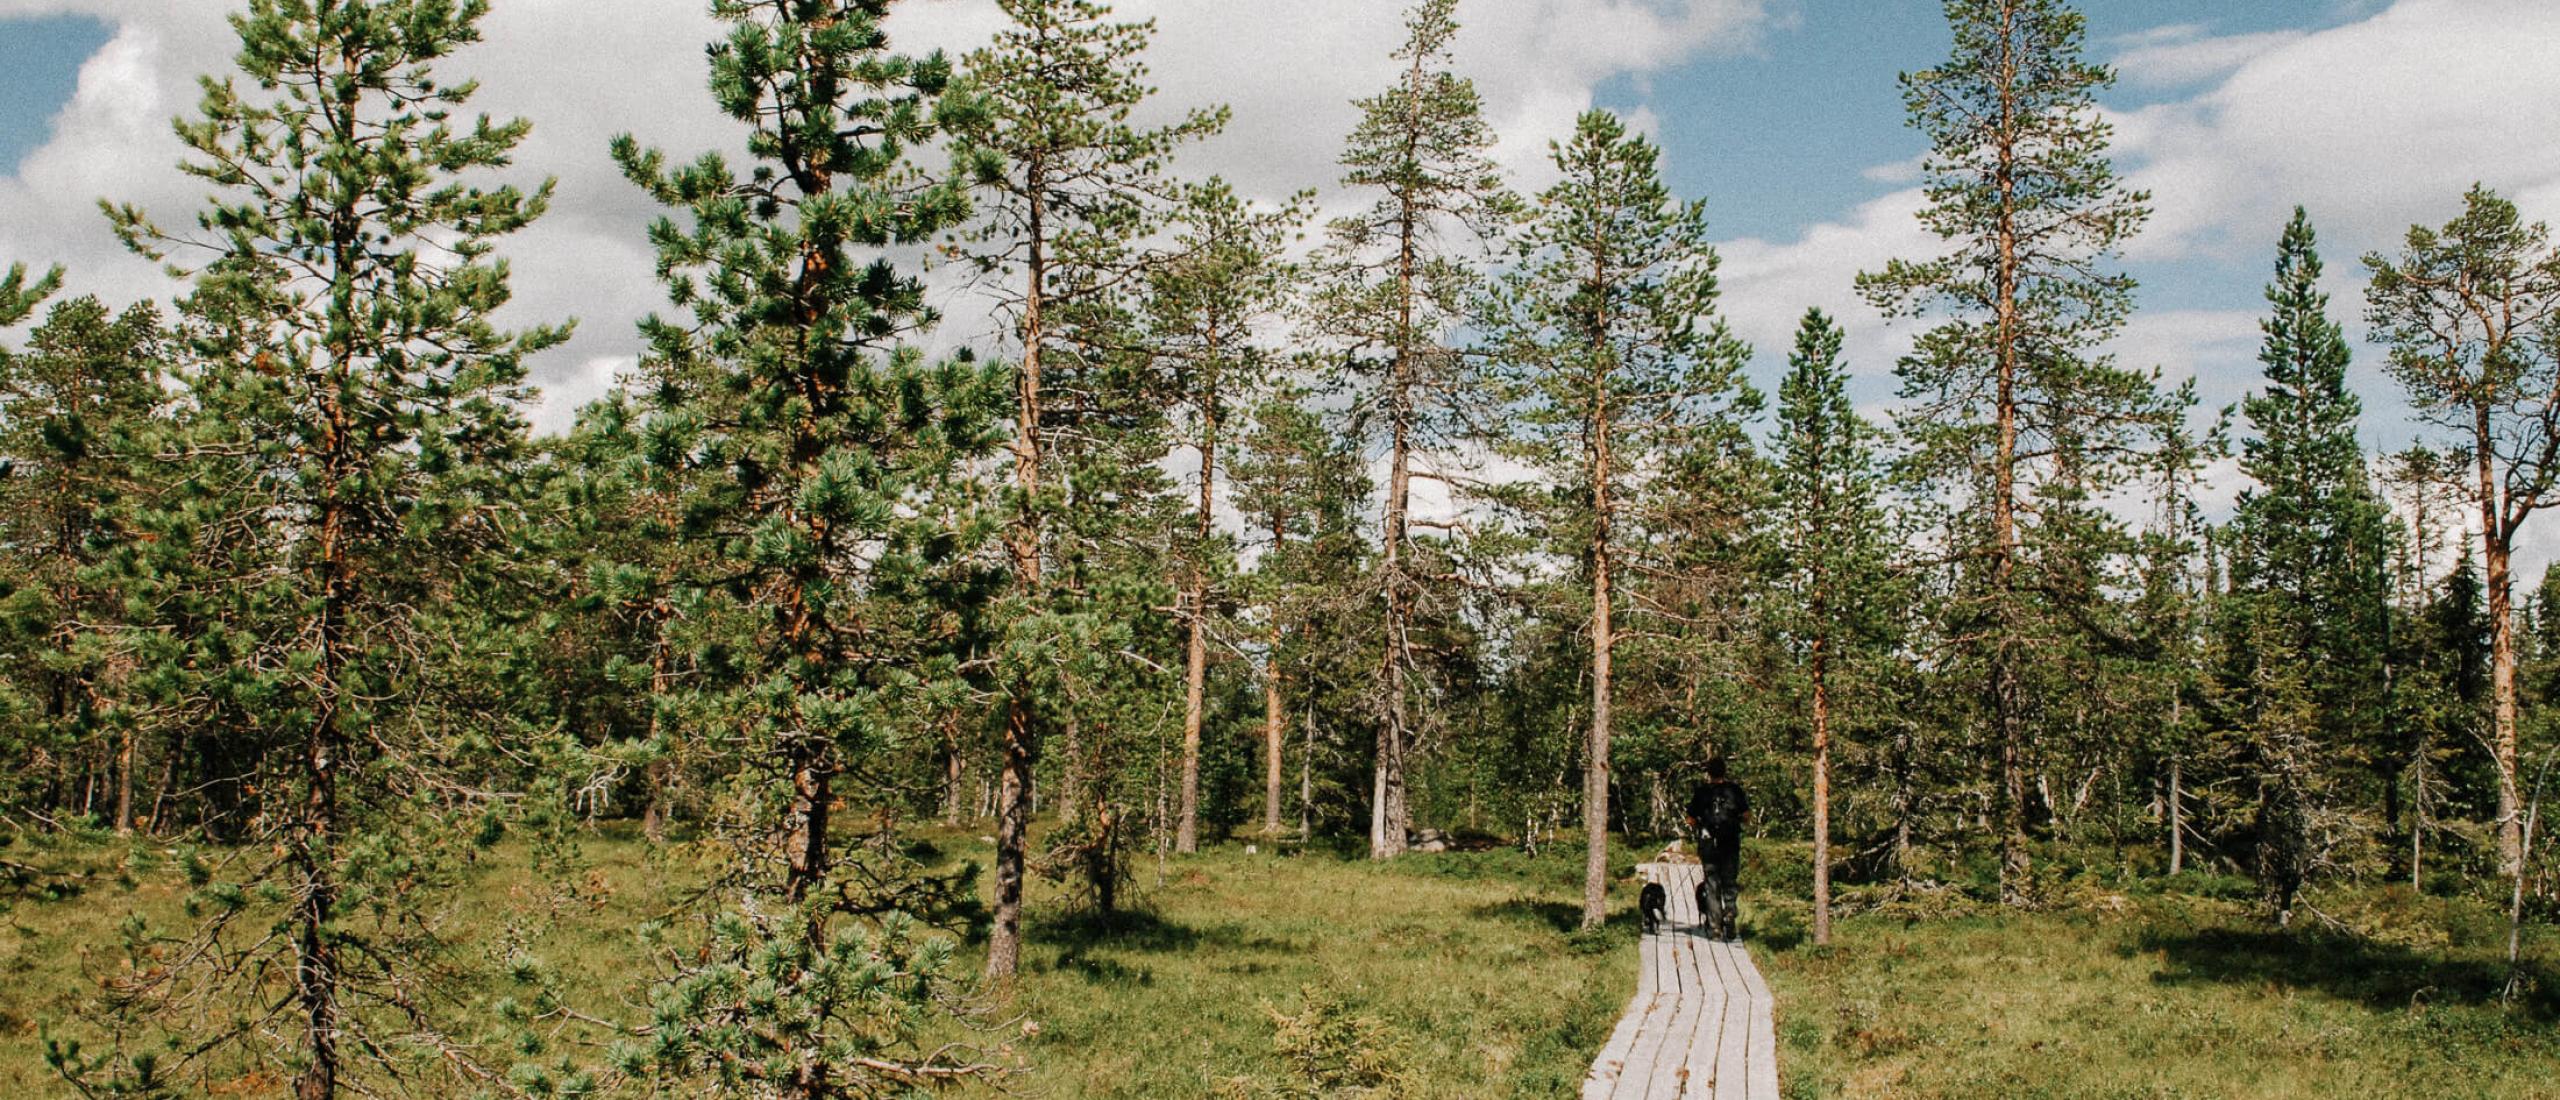 Lange Afstand Wandelroutes in Zweden